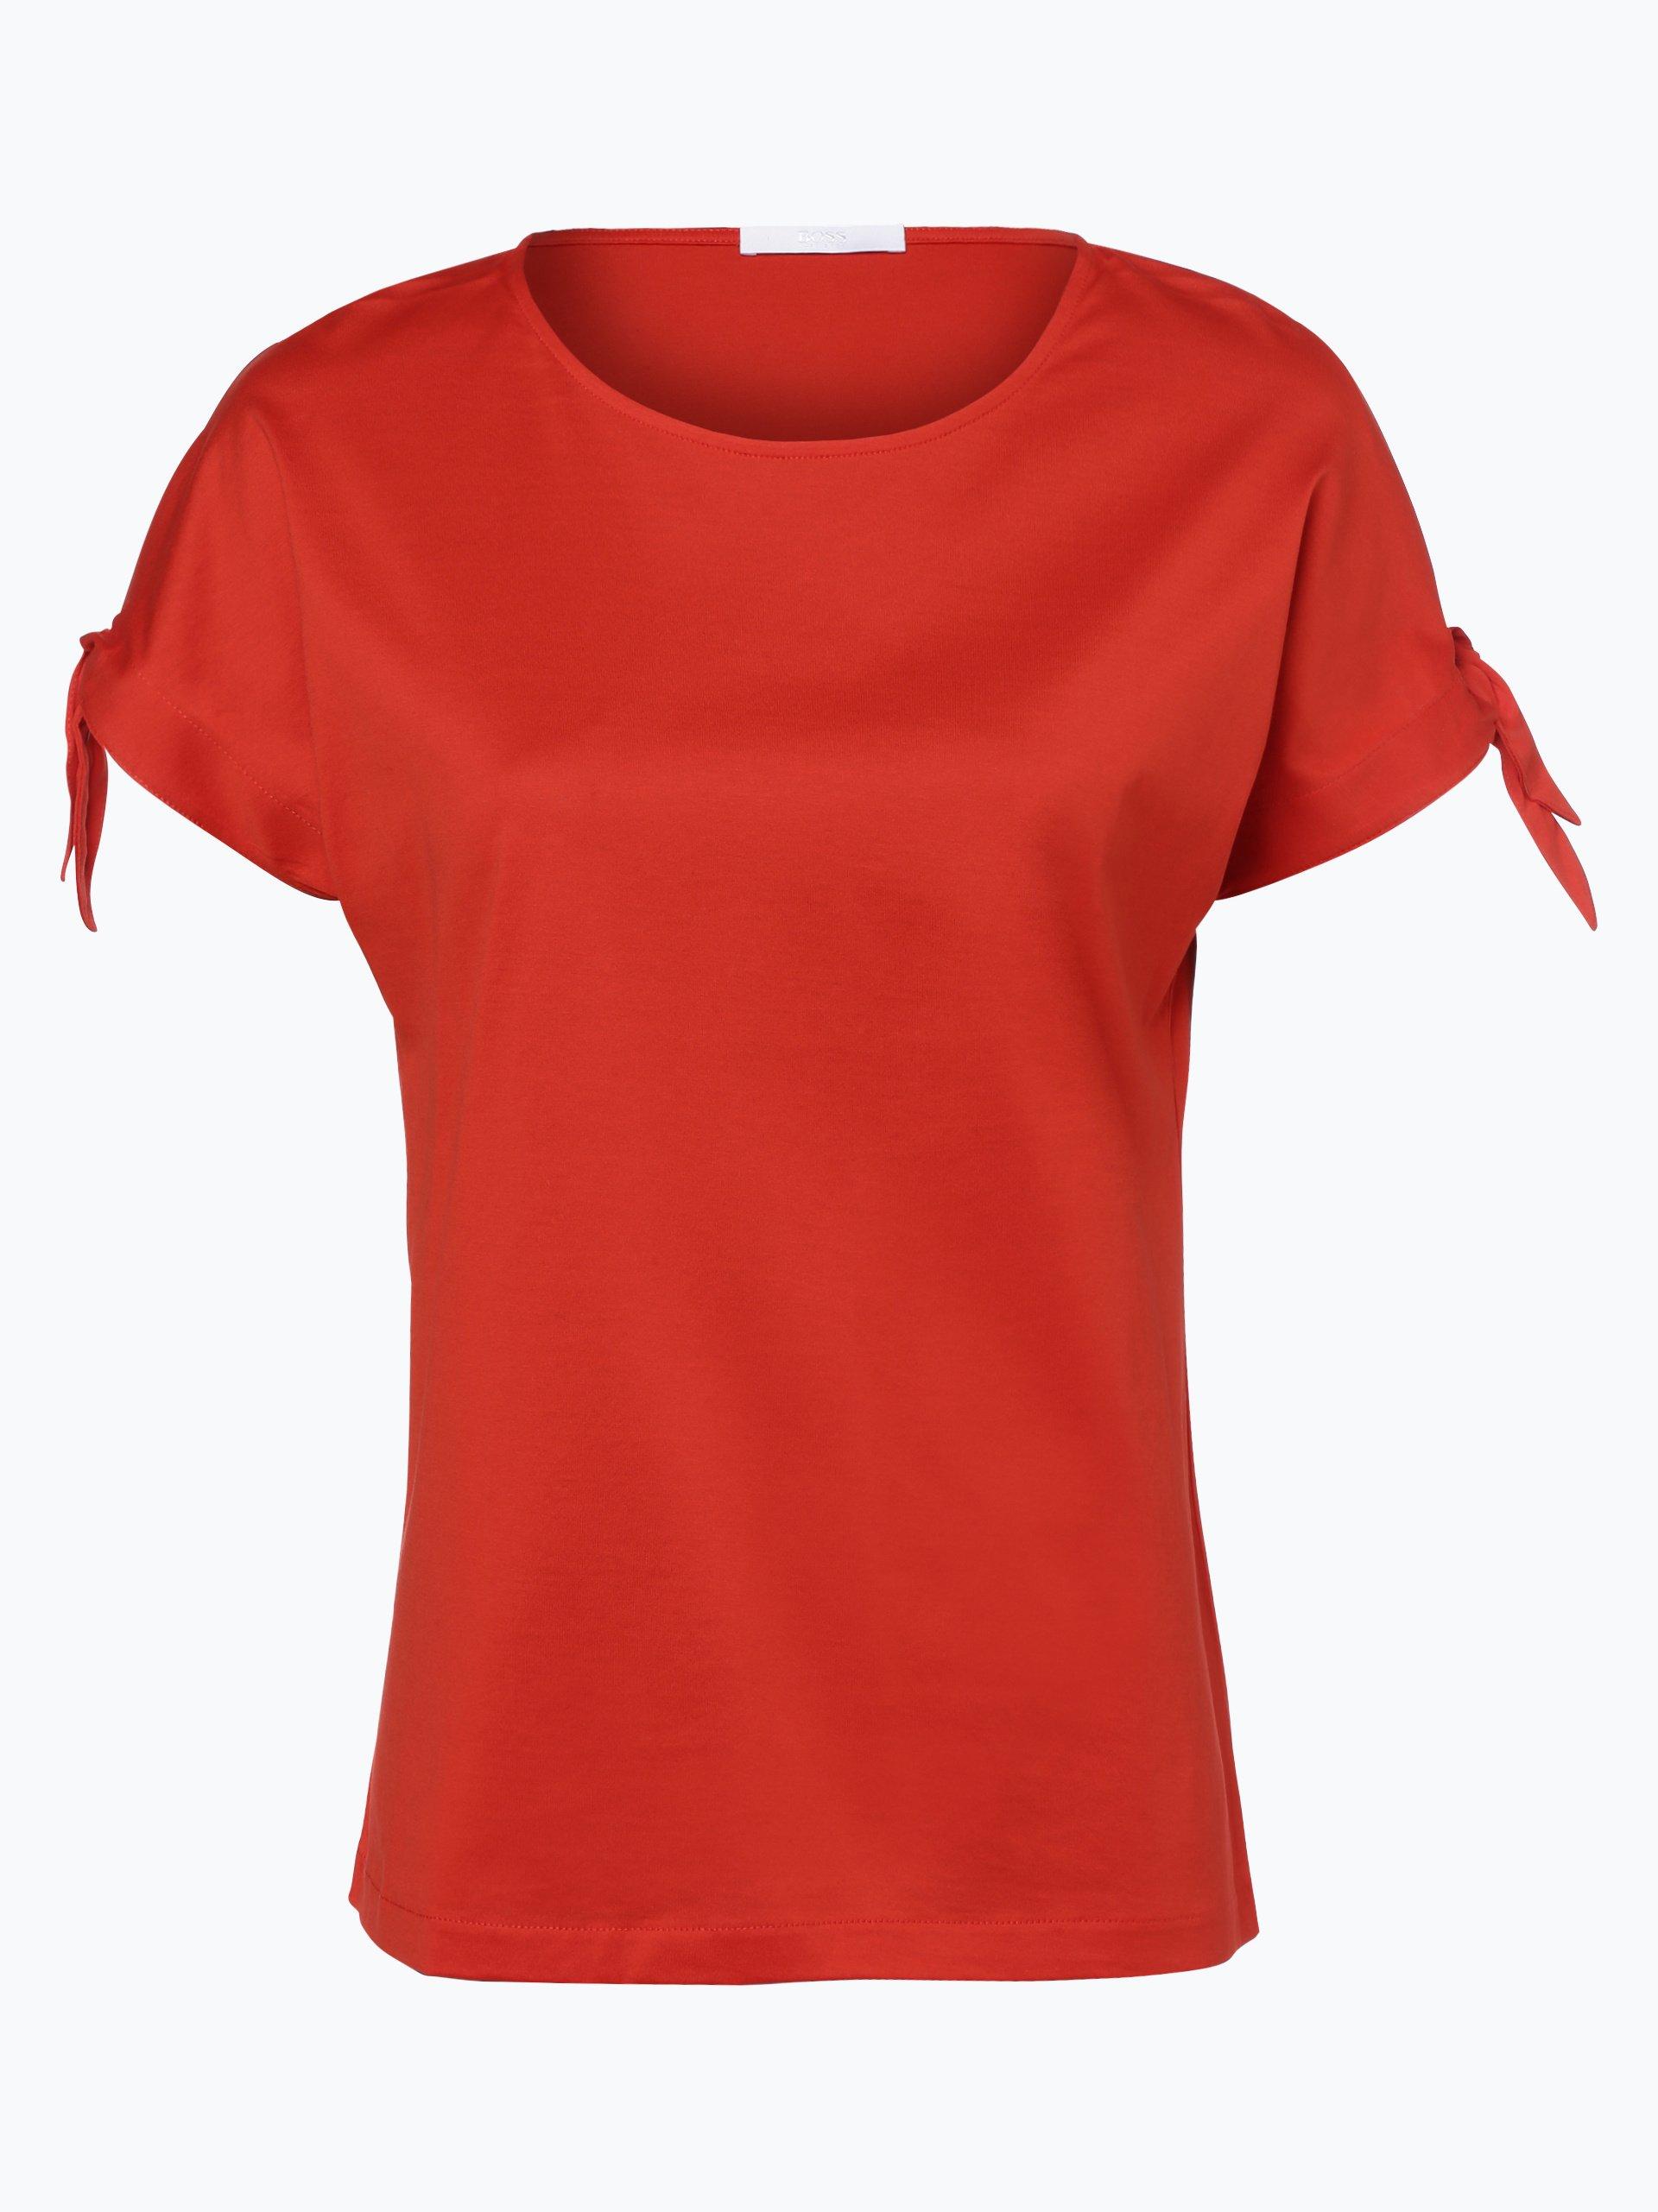 BOSS Damen T-Shirt - Everin